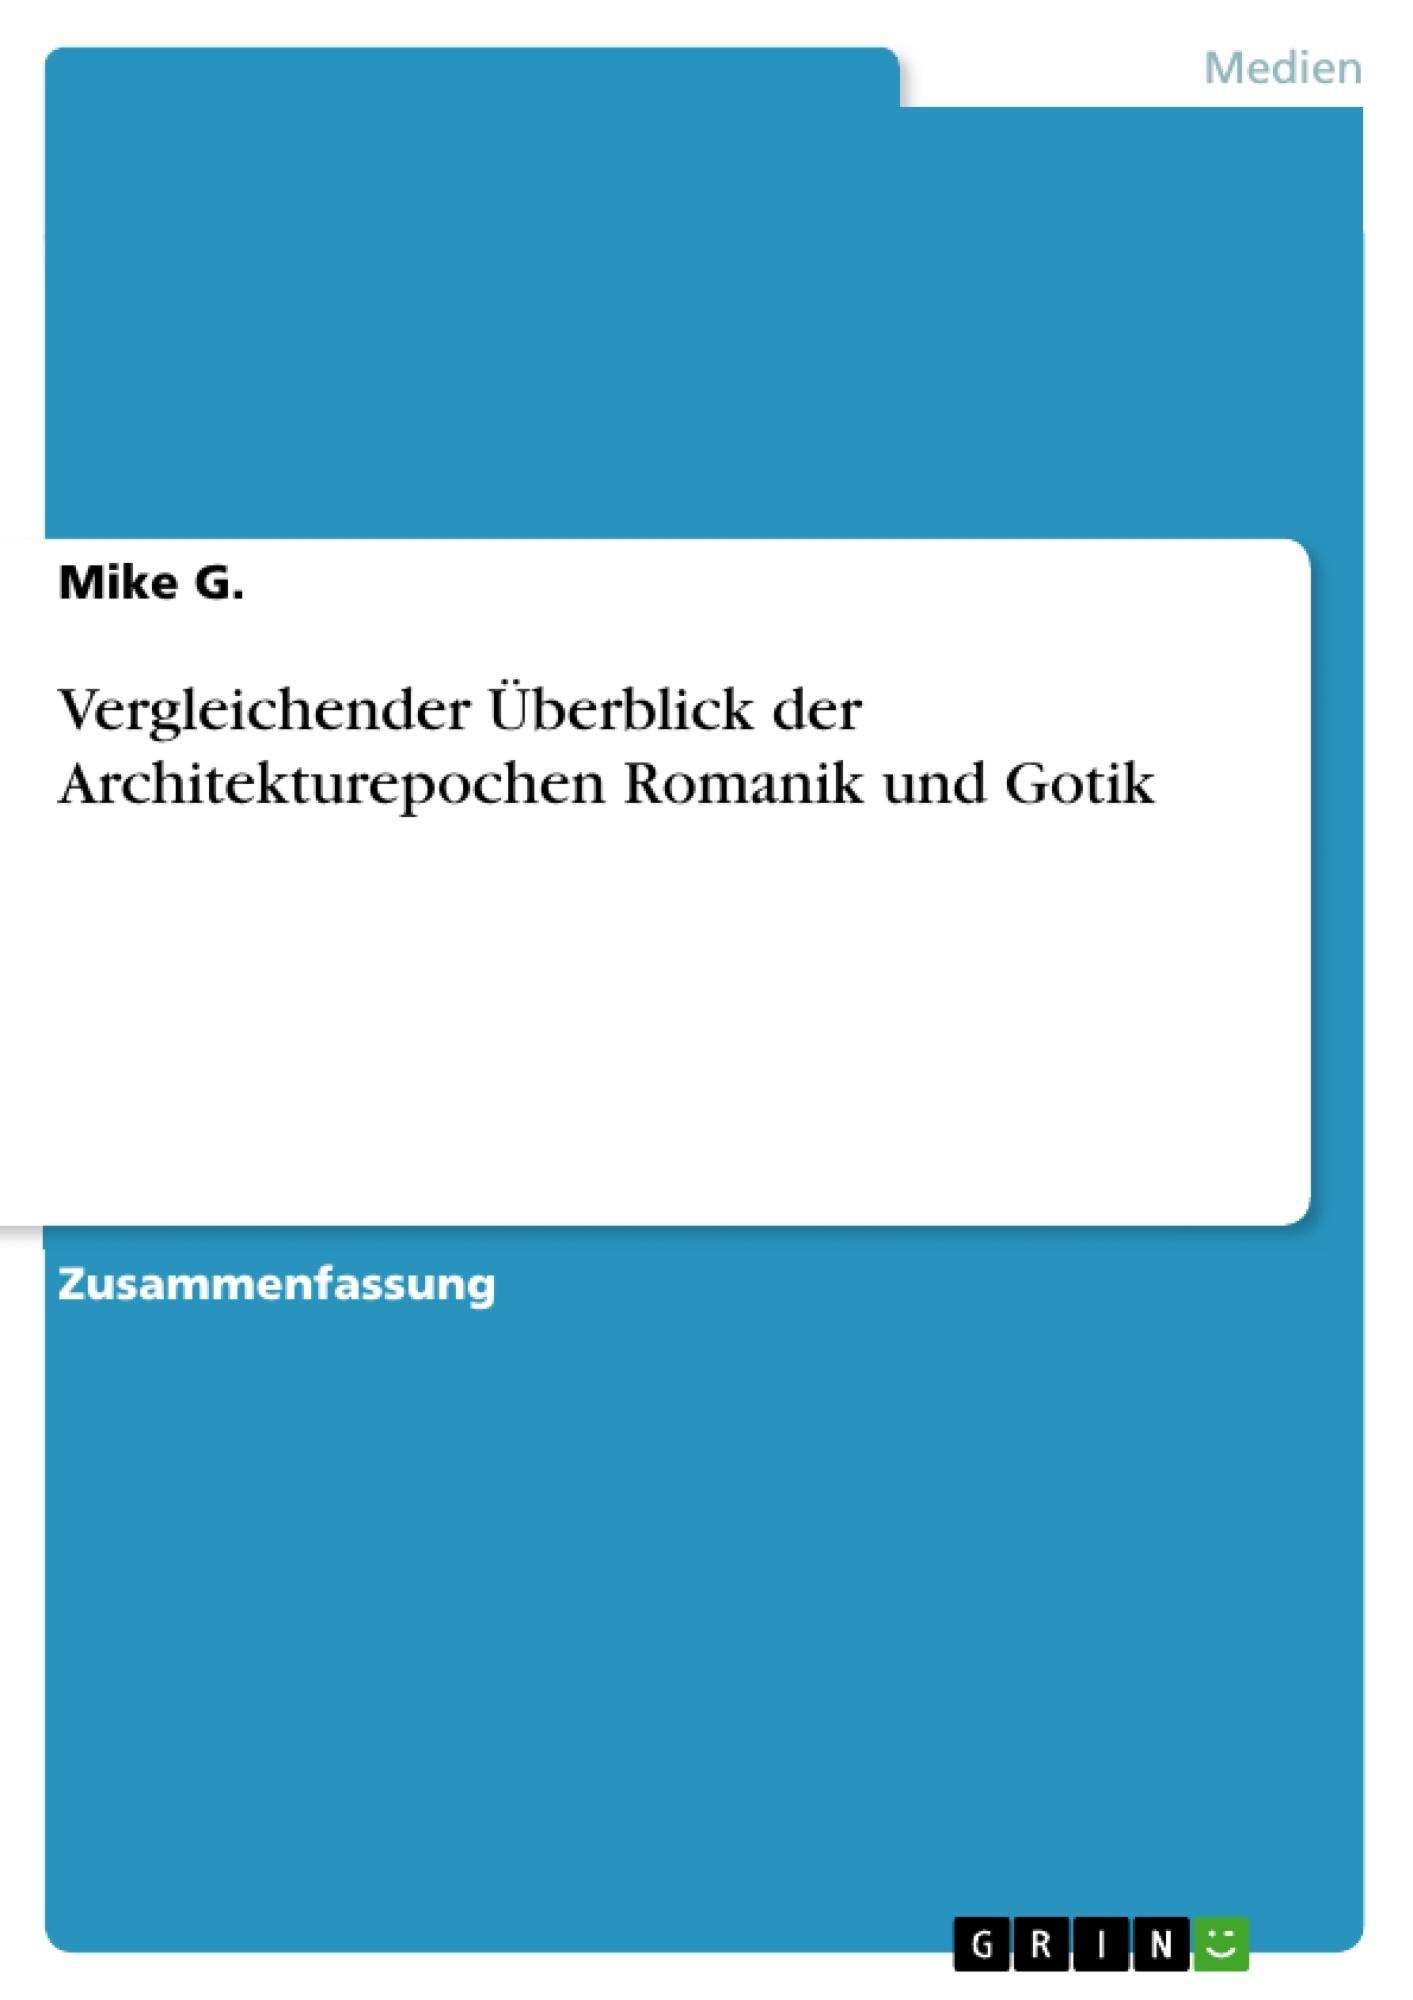 Titel: Vergleichender Überblick der Architekturepochen Romanik und Gotik